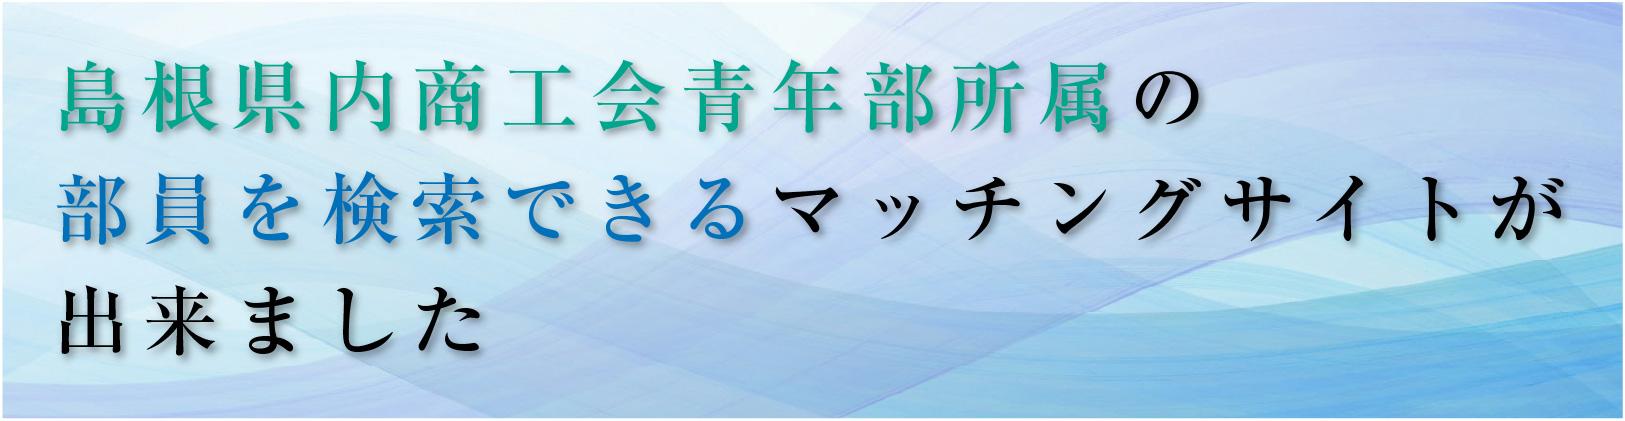 島根県商工会青年部連合会 ビジネスマッチングサイト